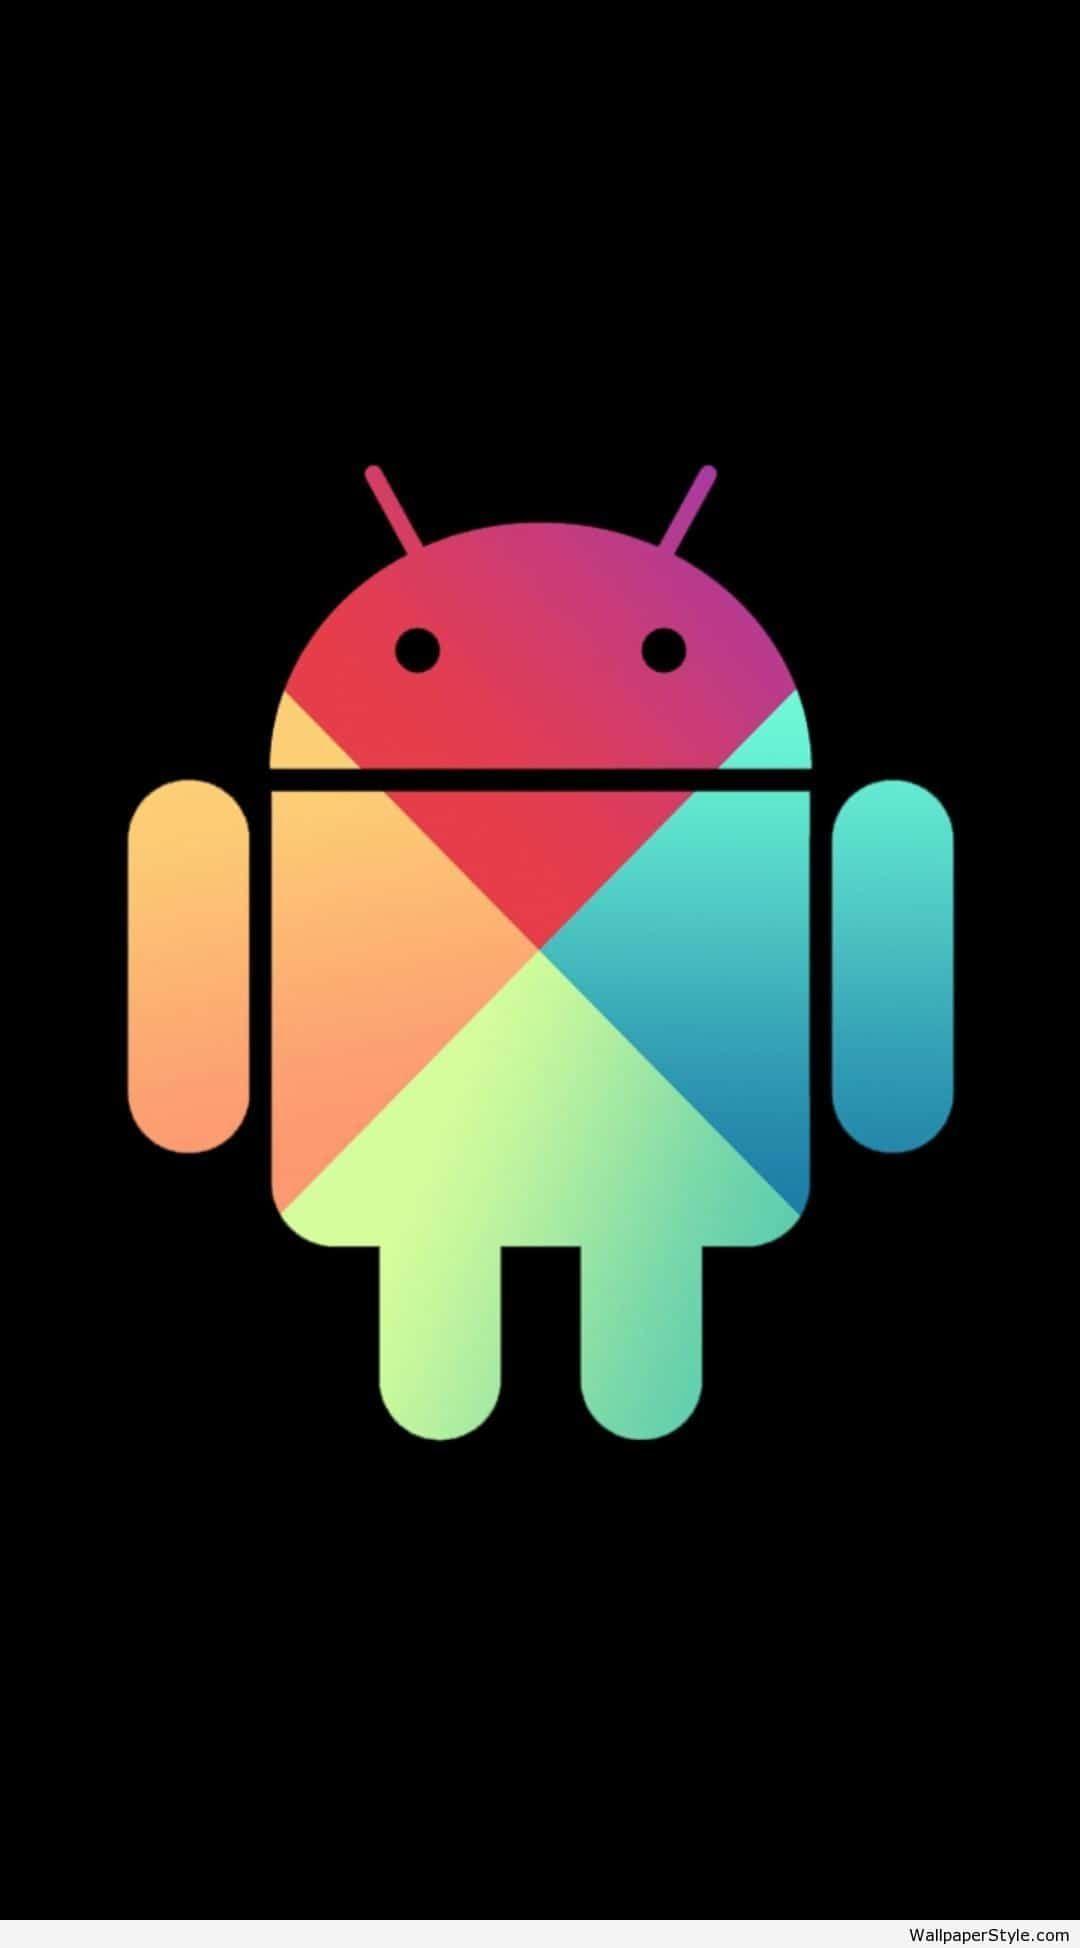 Cara Delevingne Wallpaper Hd Android Wallpaper Htc Wallpaper Mobile Wallpaper Android